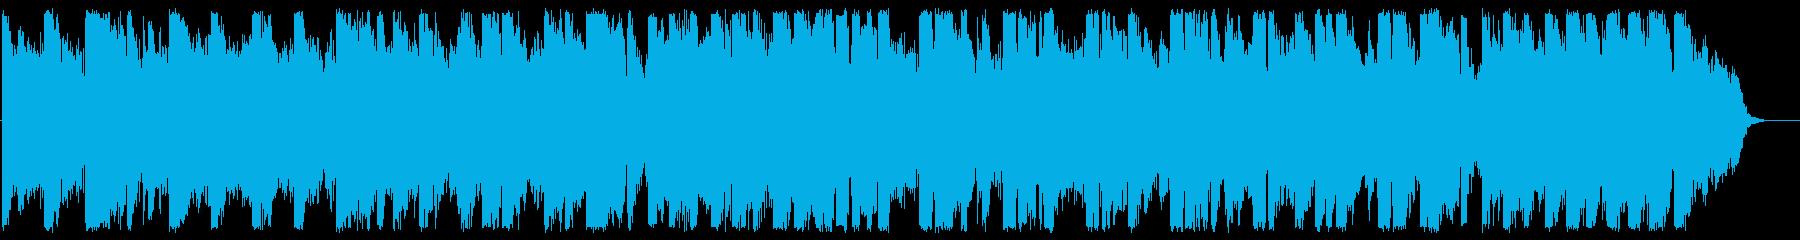 フルートが奏でる情景的なBGMの再生済みの波形